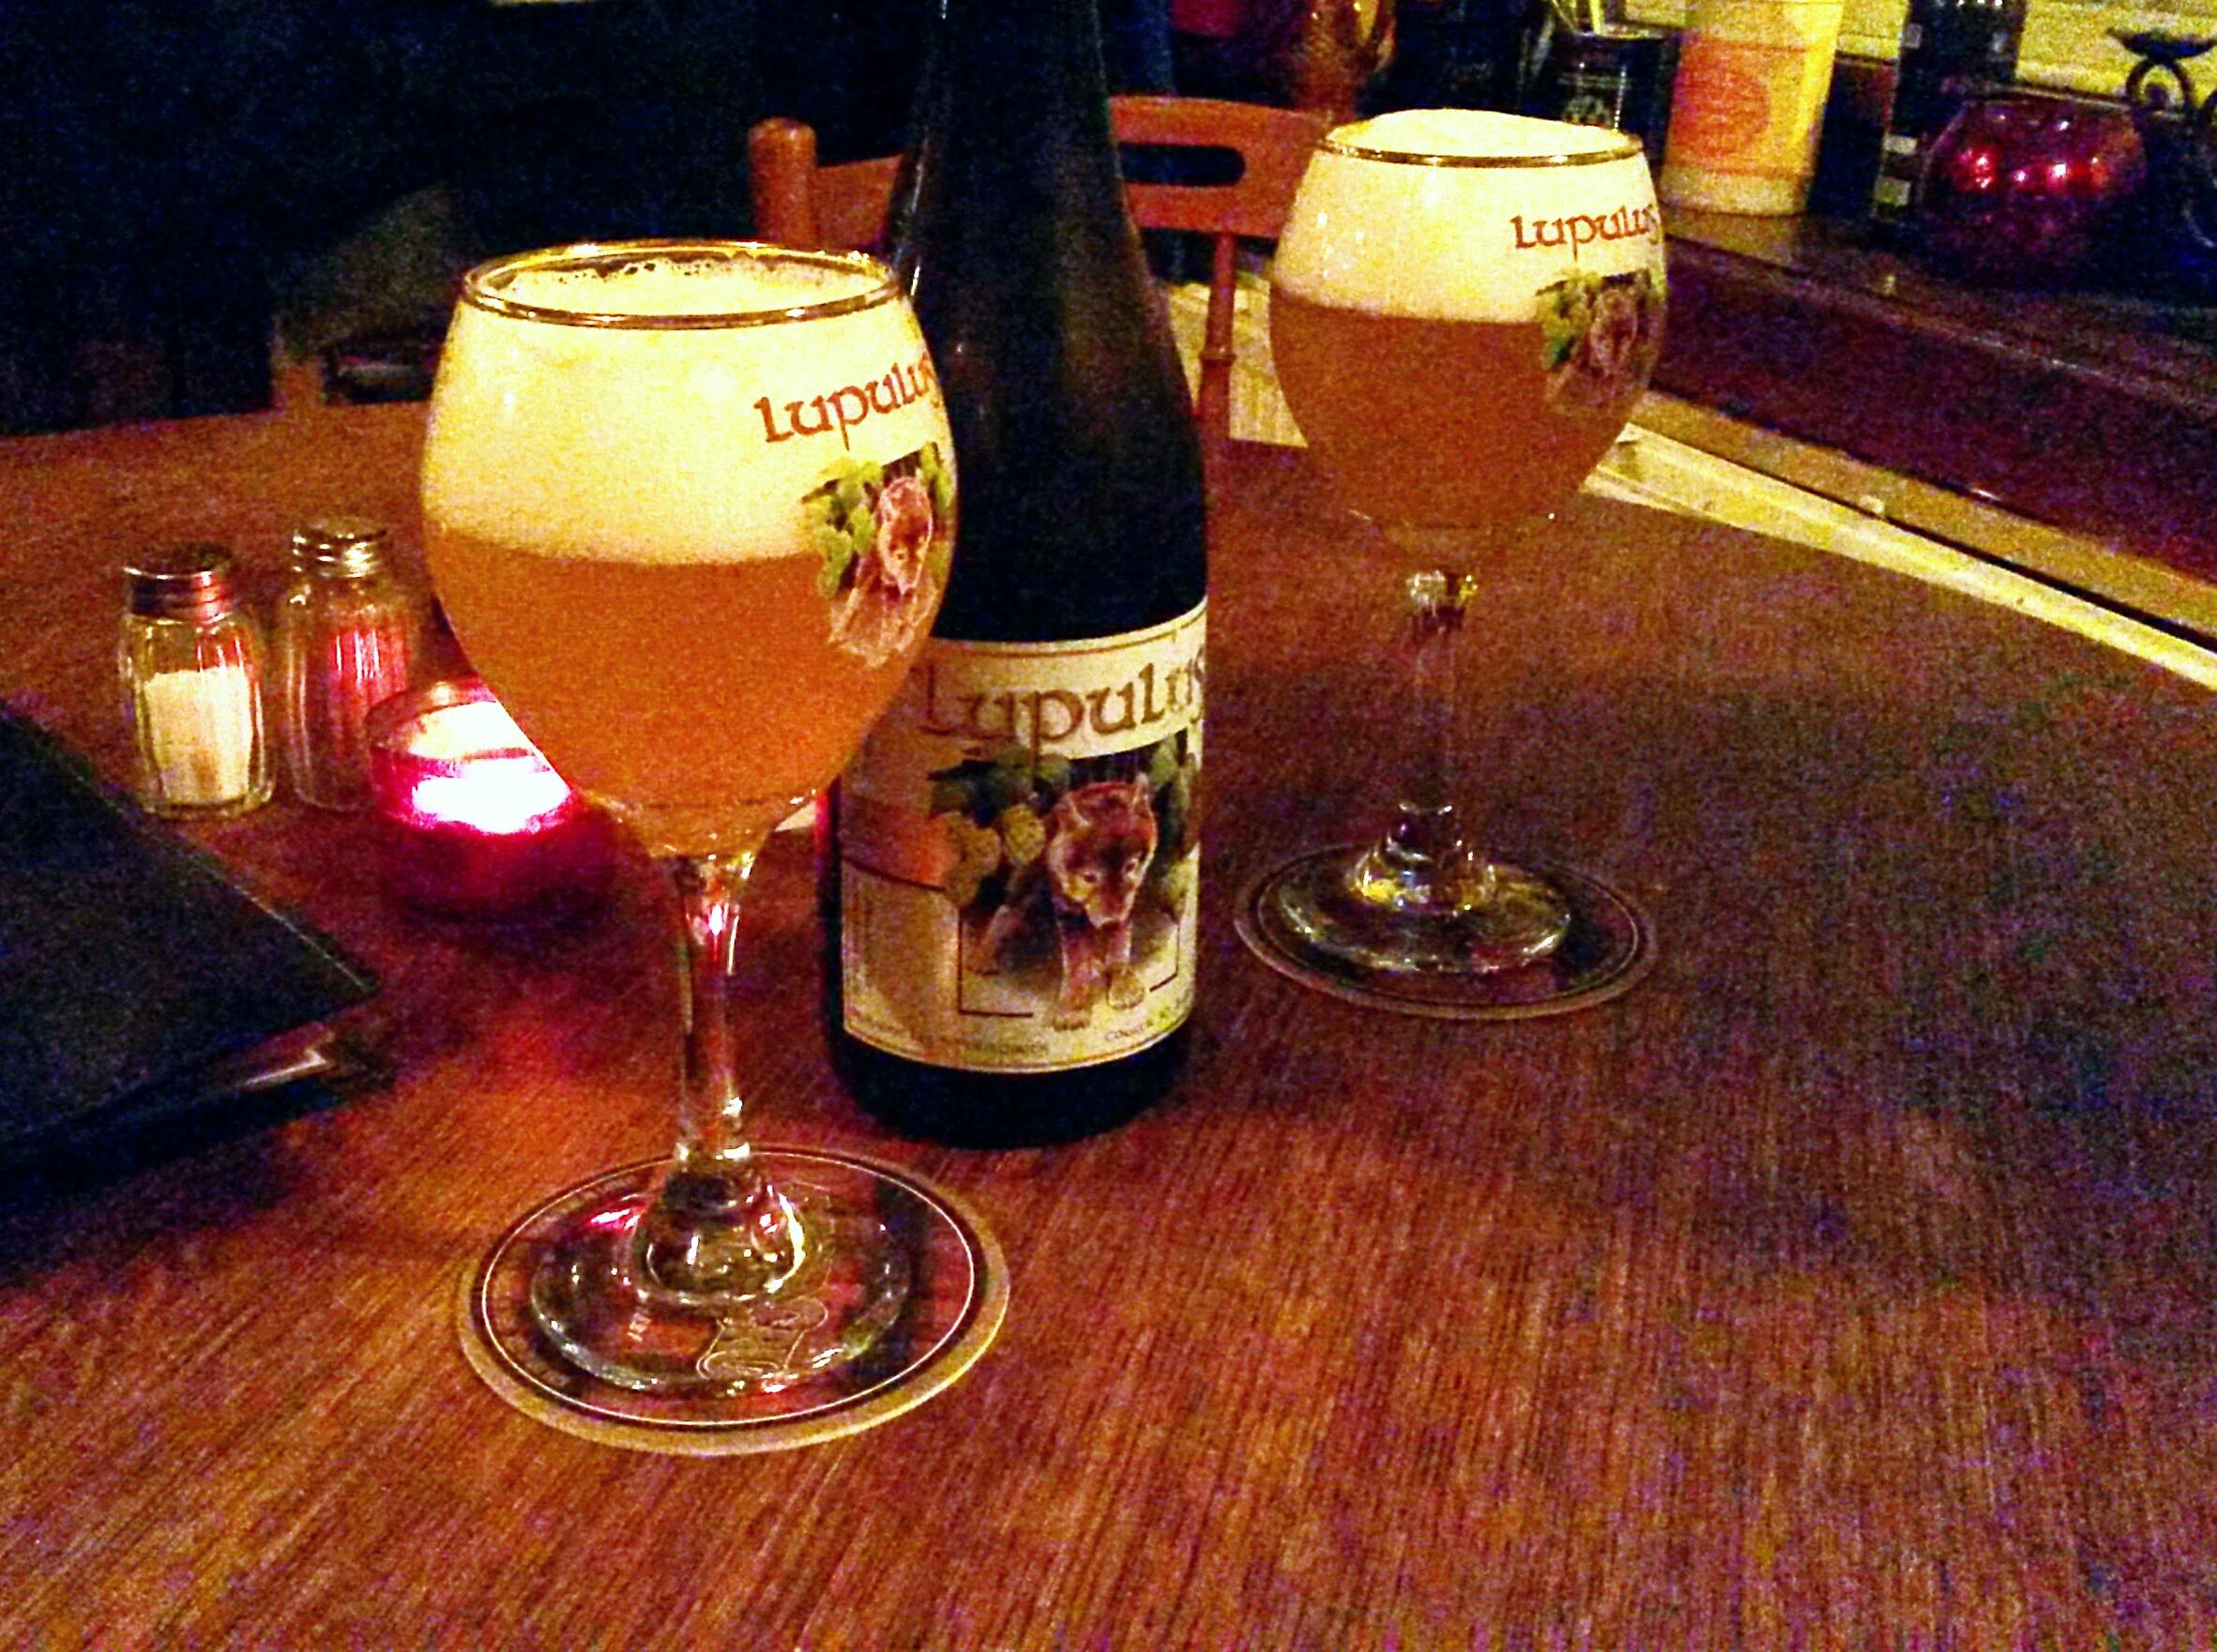 Lupulus belgian beer